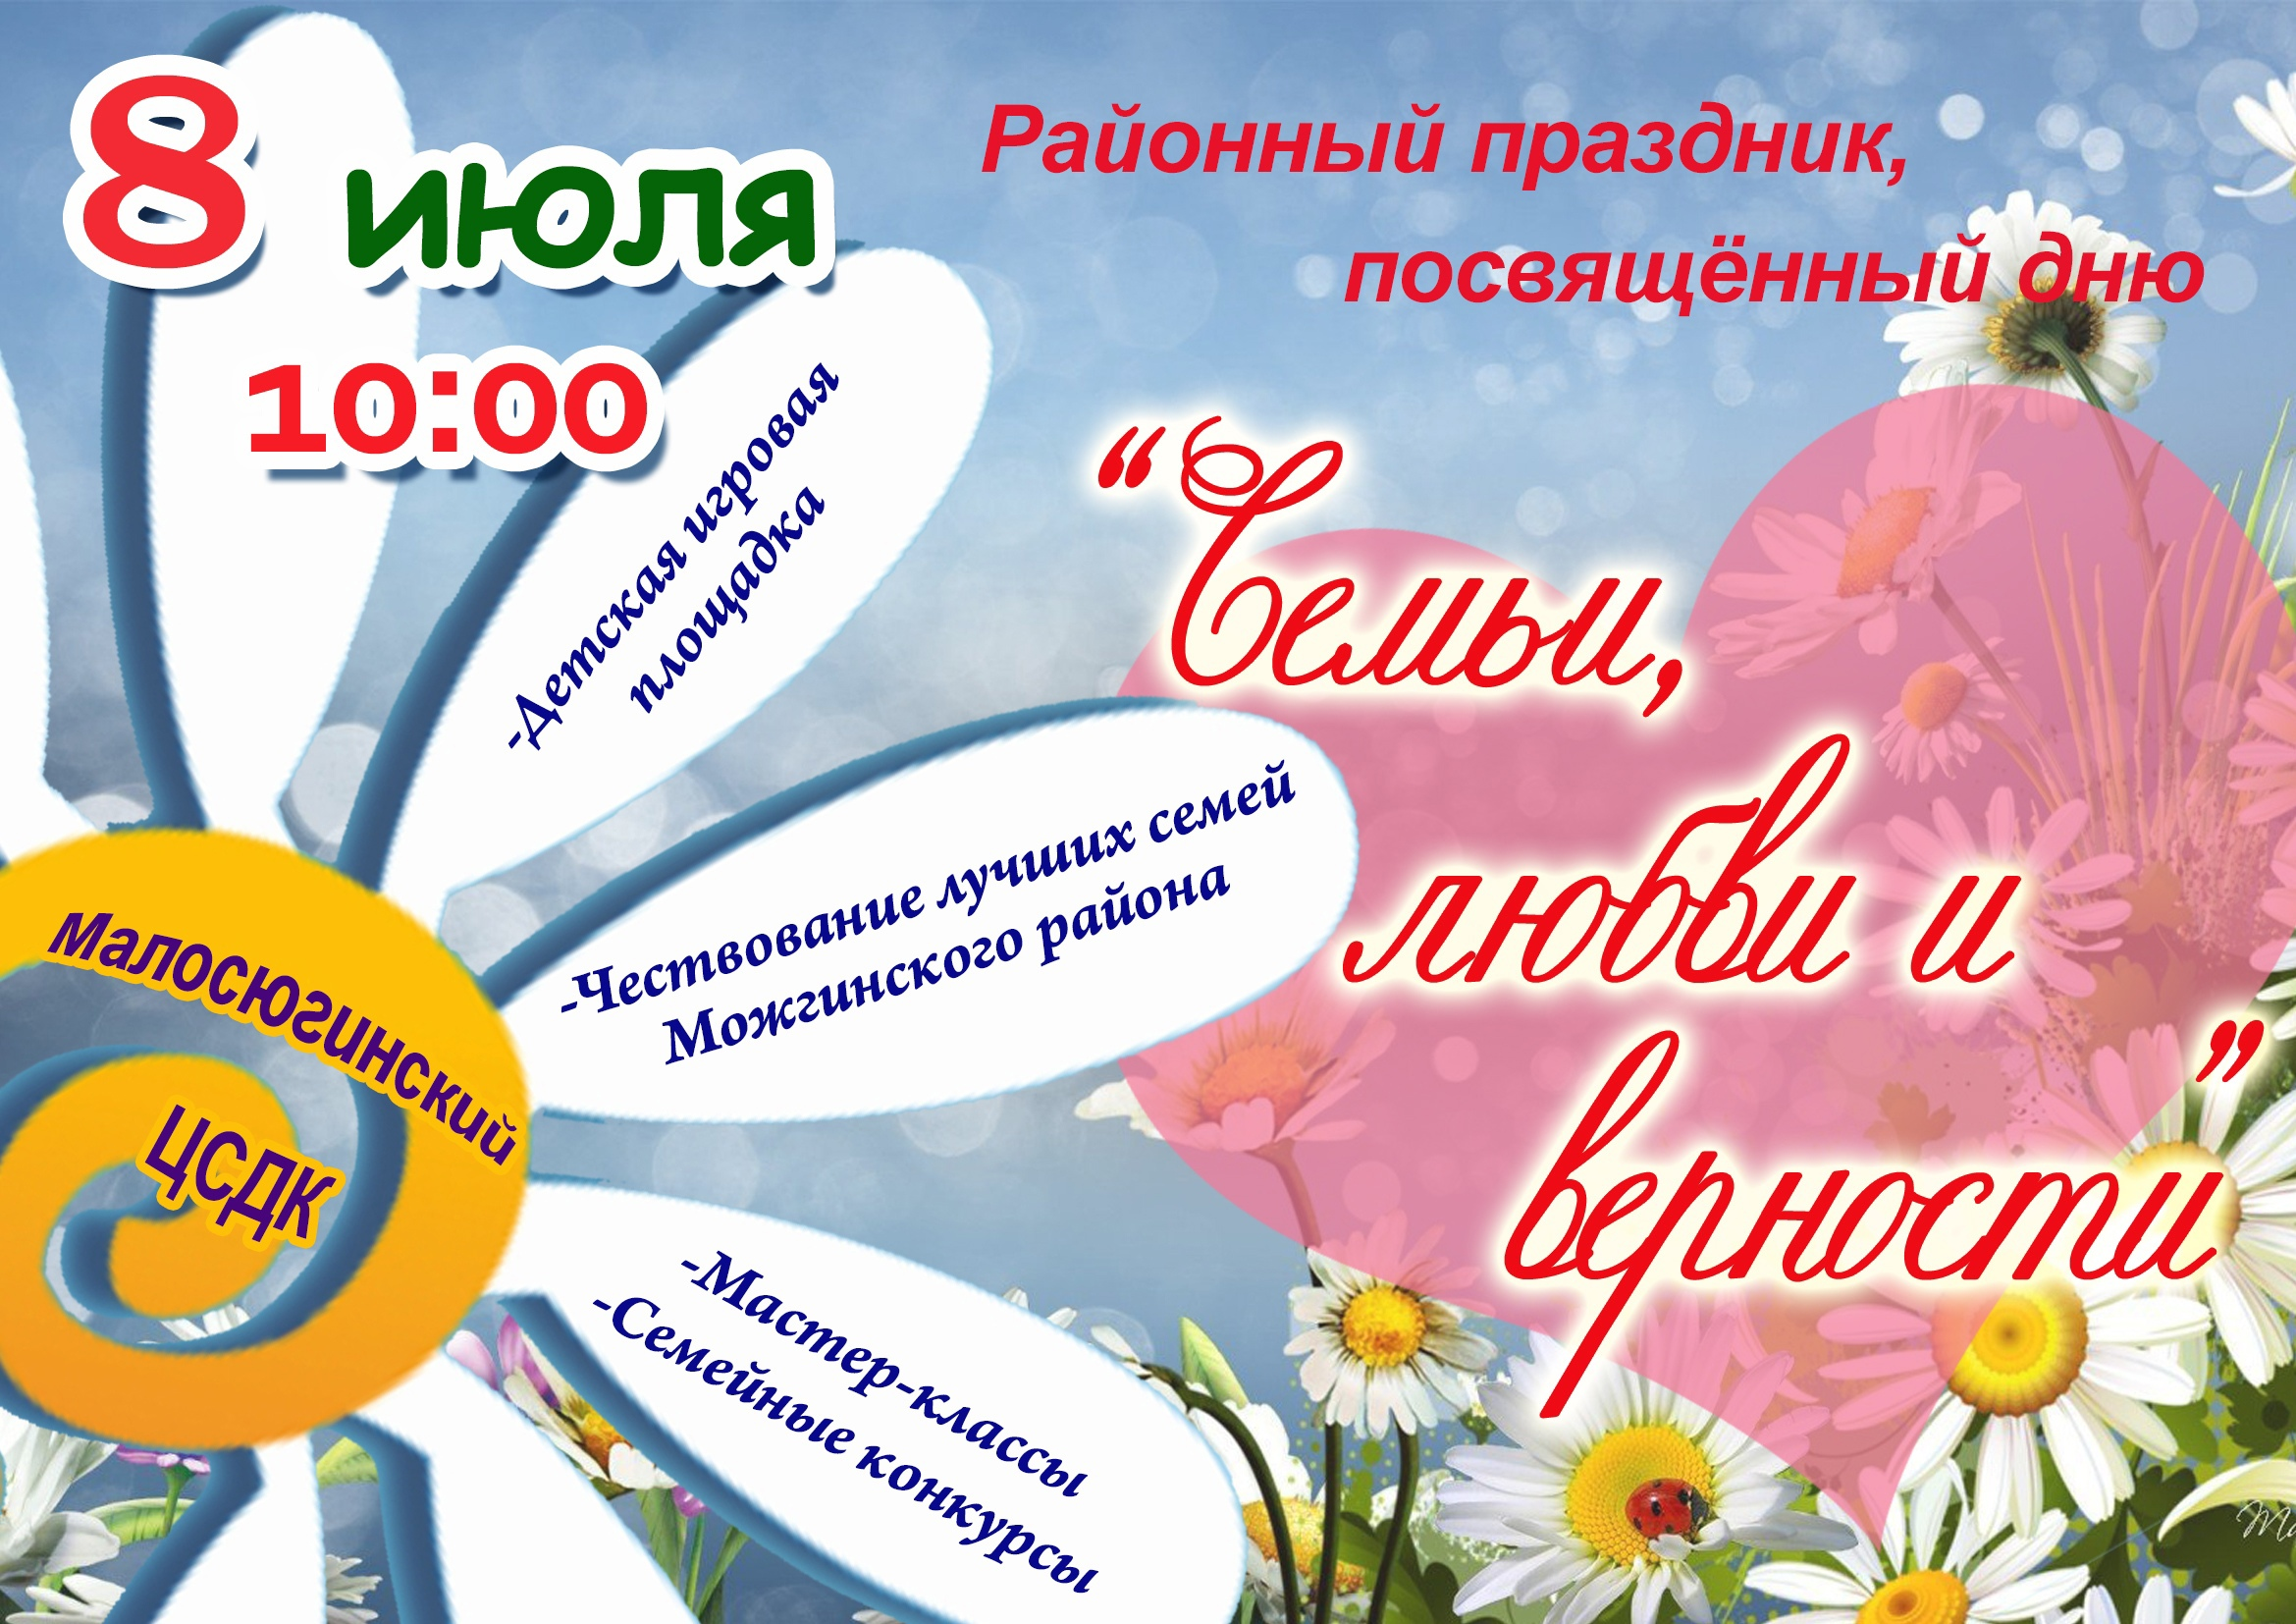 Уважаемые жители Можгинского района! 8 июля в